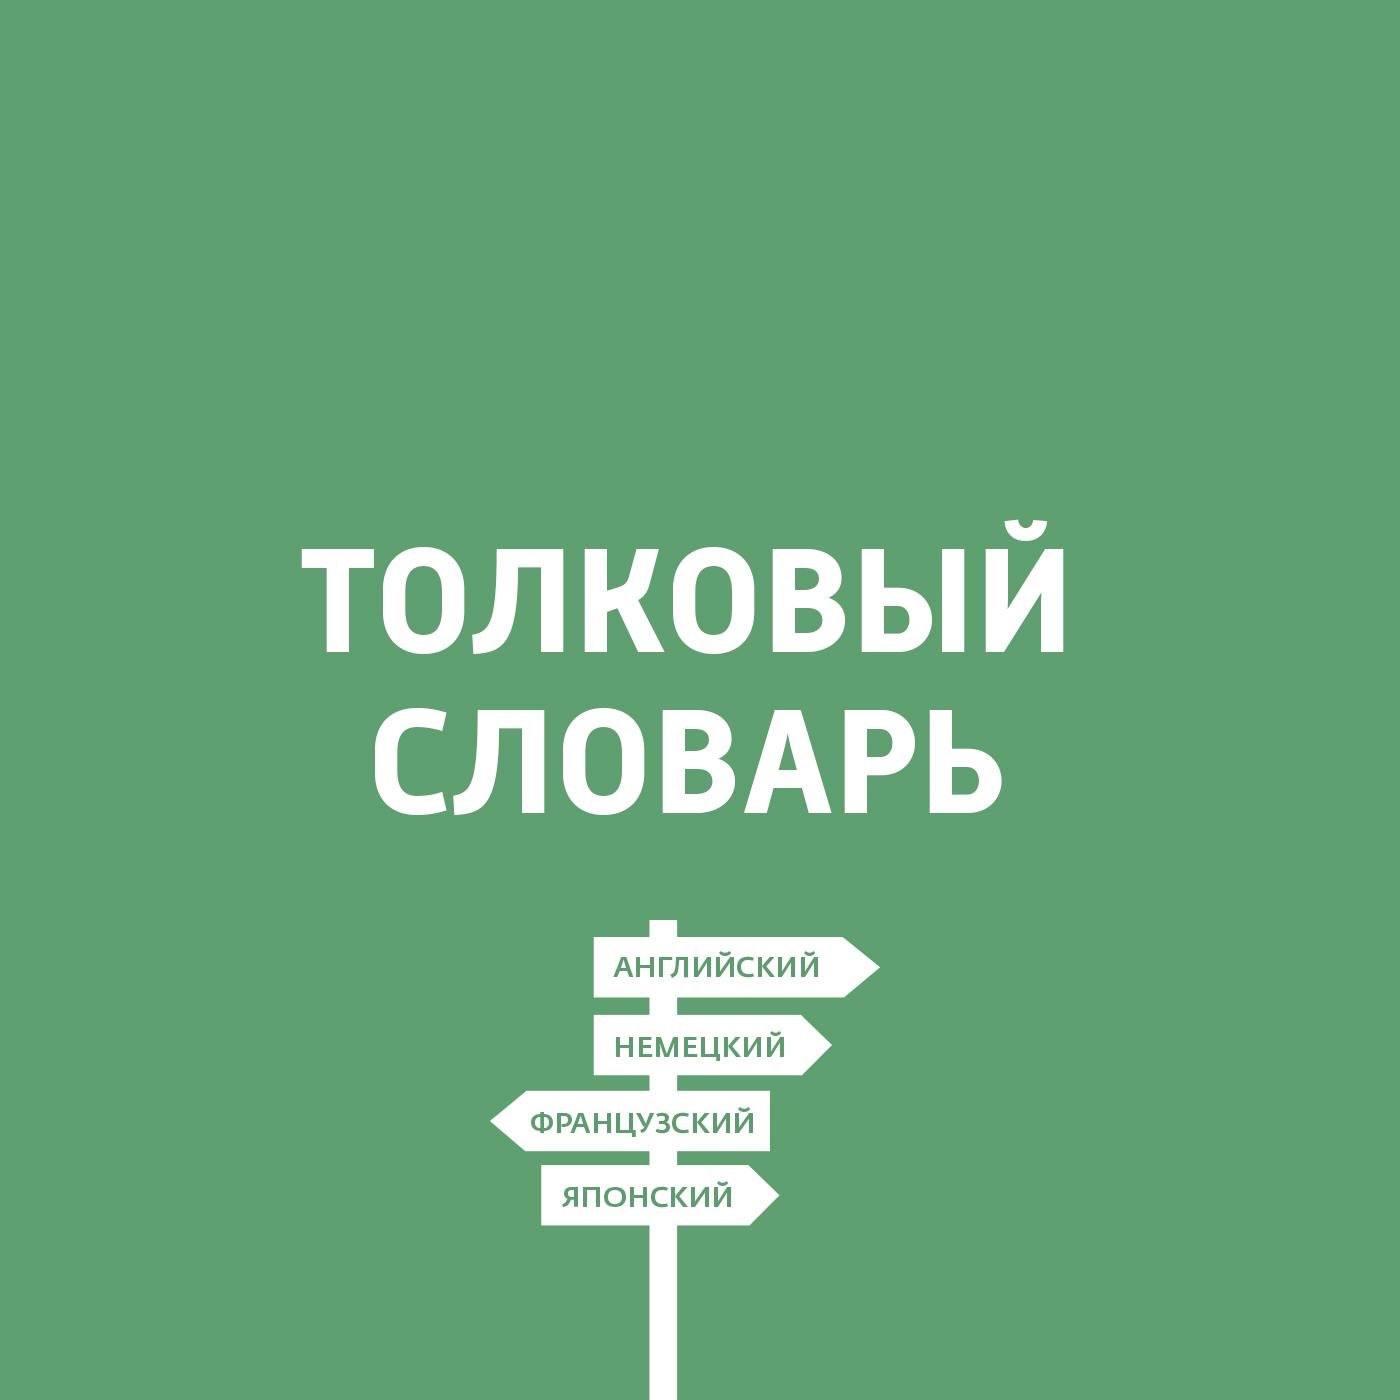 Дмитрий Петров Билингвальная среда